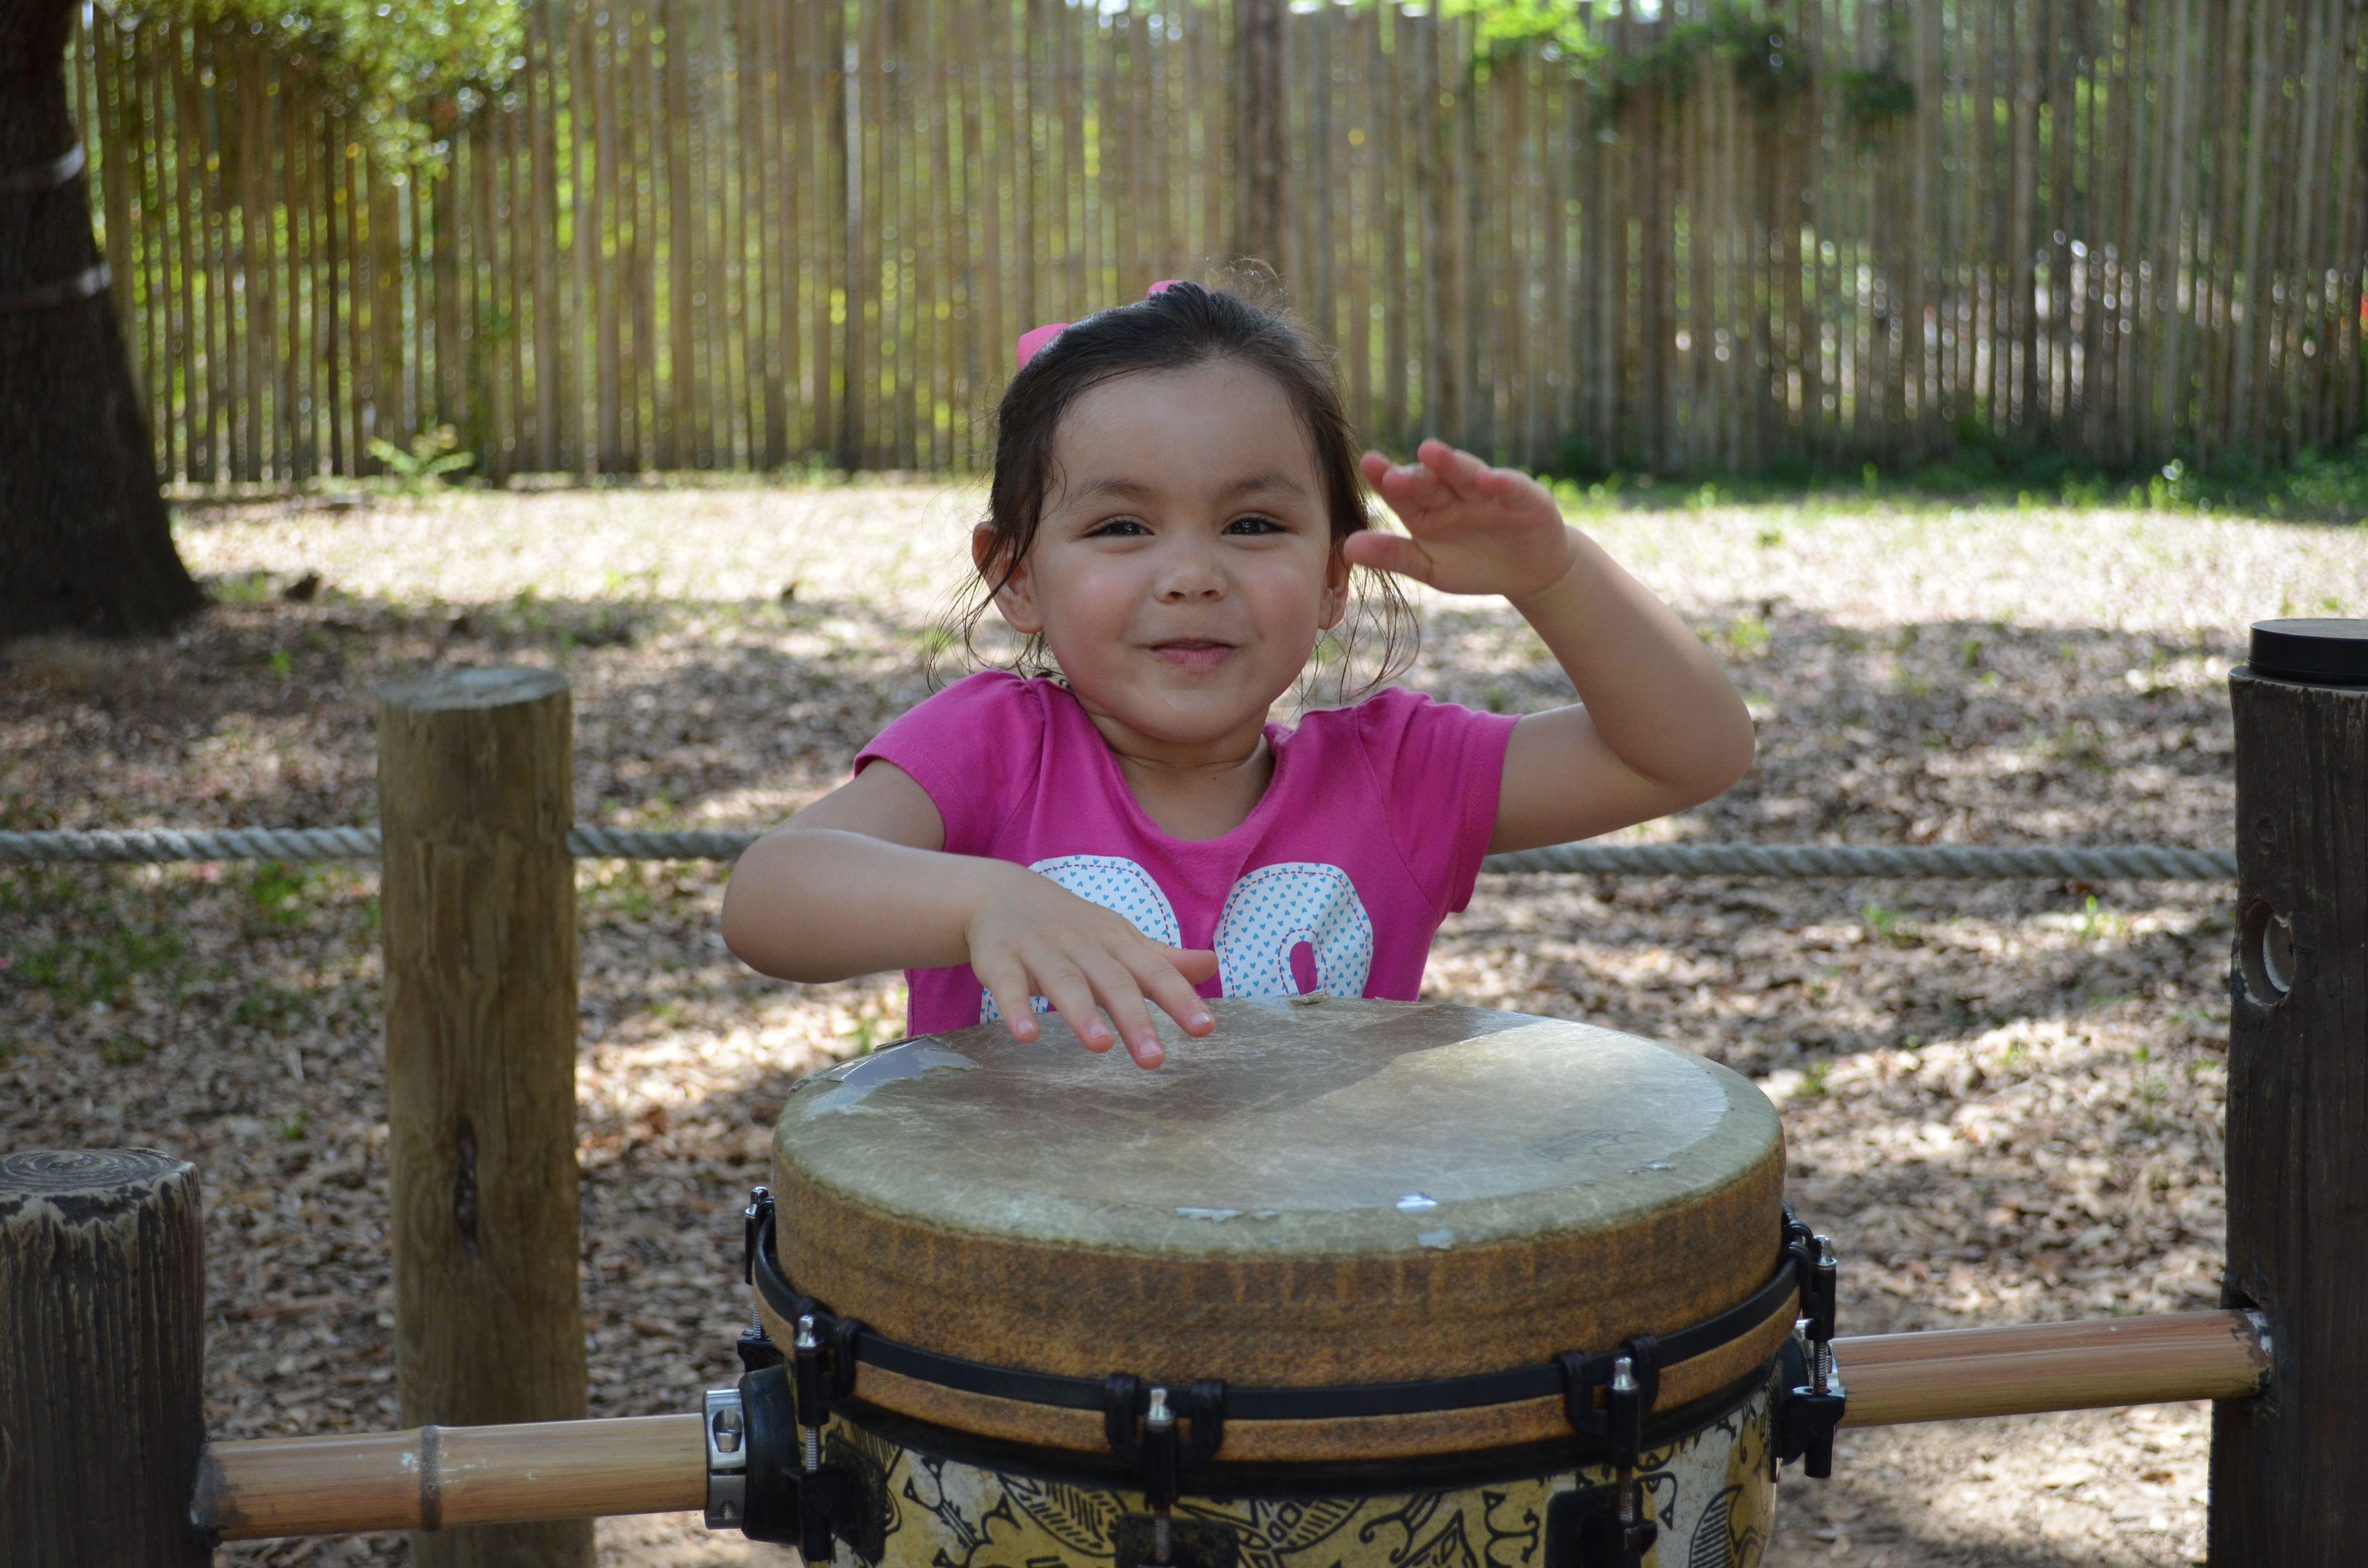 Banging drums